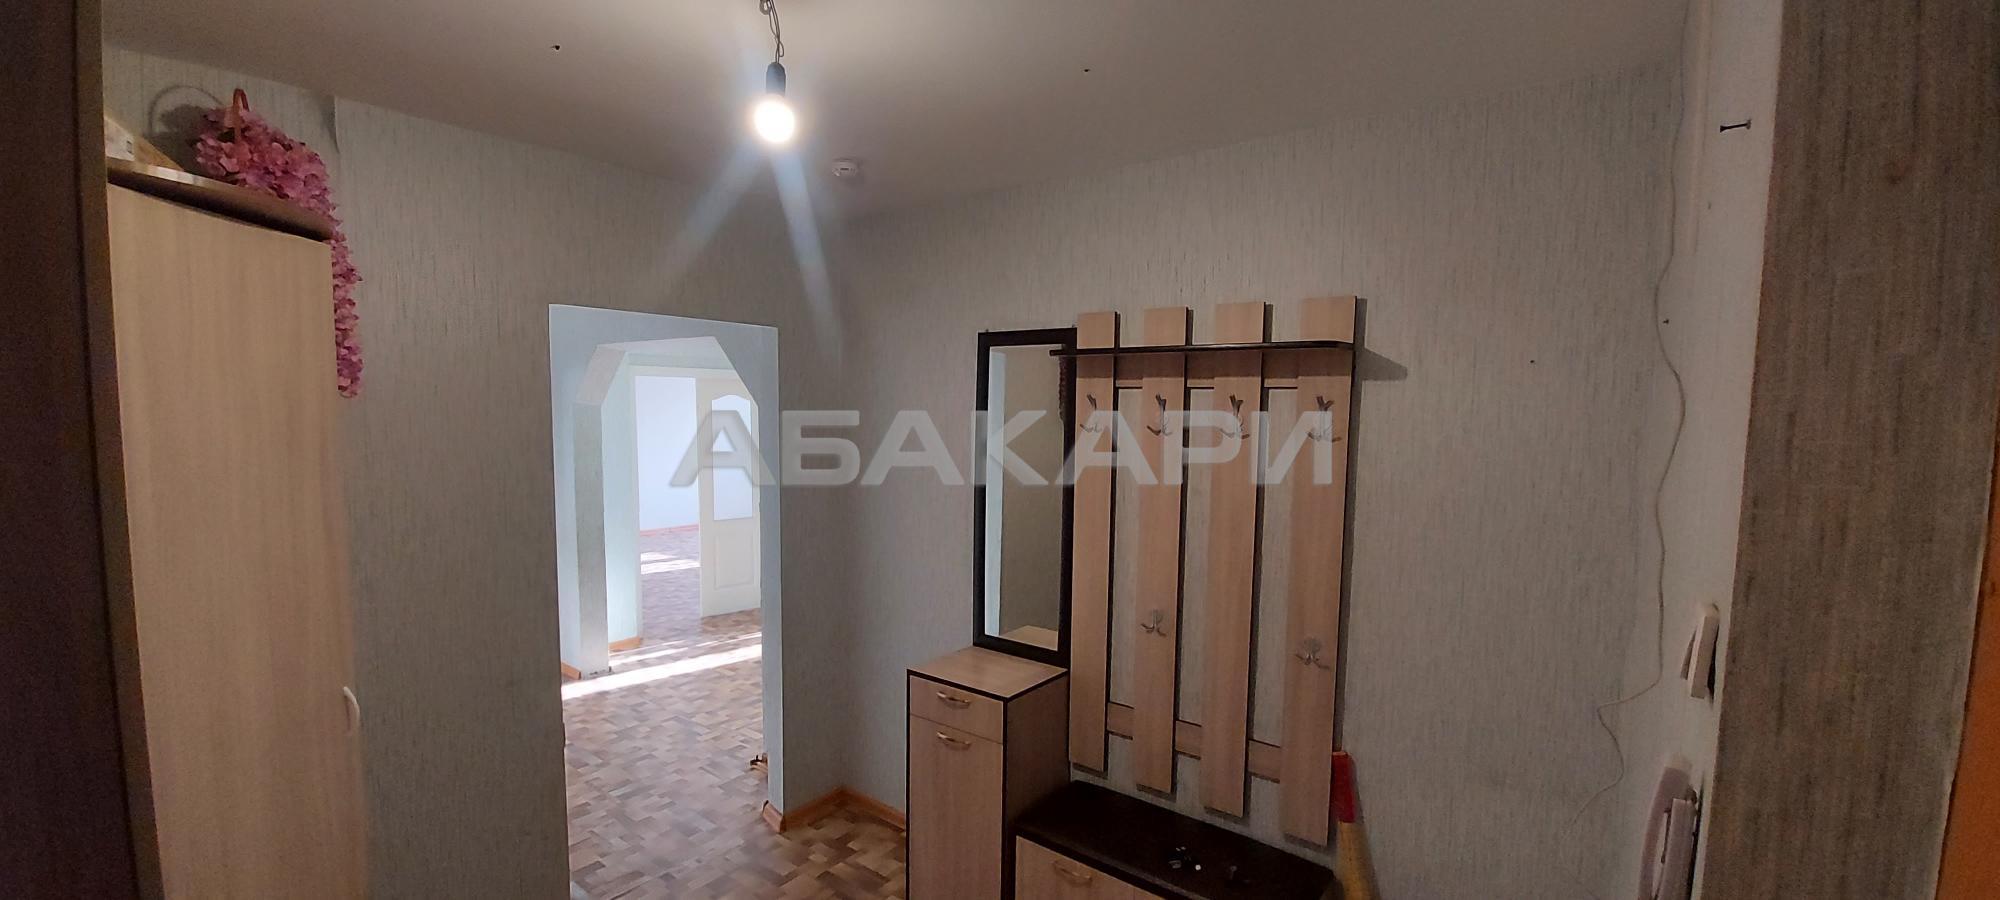 2к квартира улица Дмитрия Мартынова, д. 22 | 25000 | аренда в Красноярске фото 6